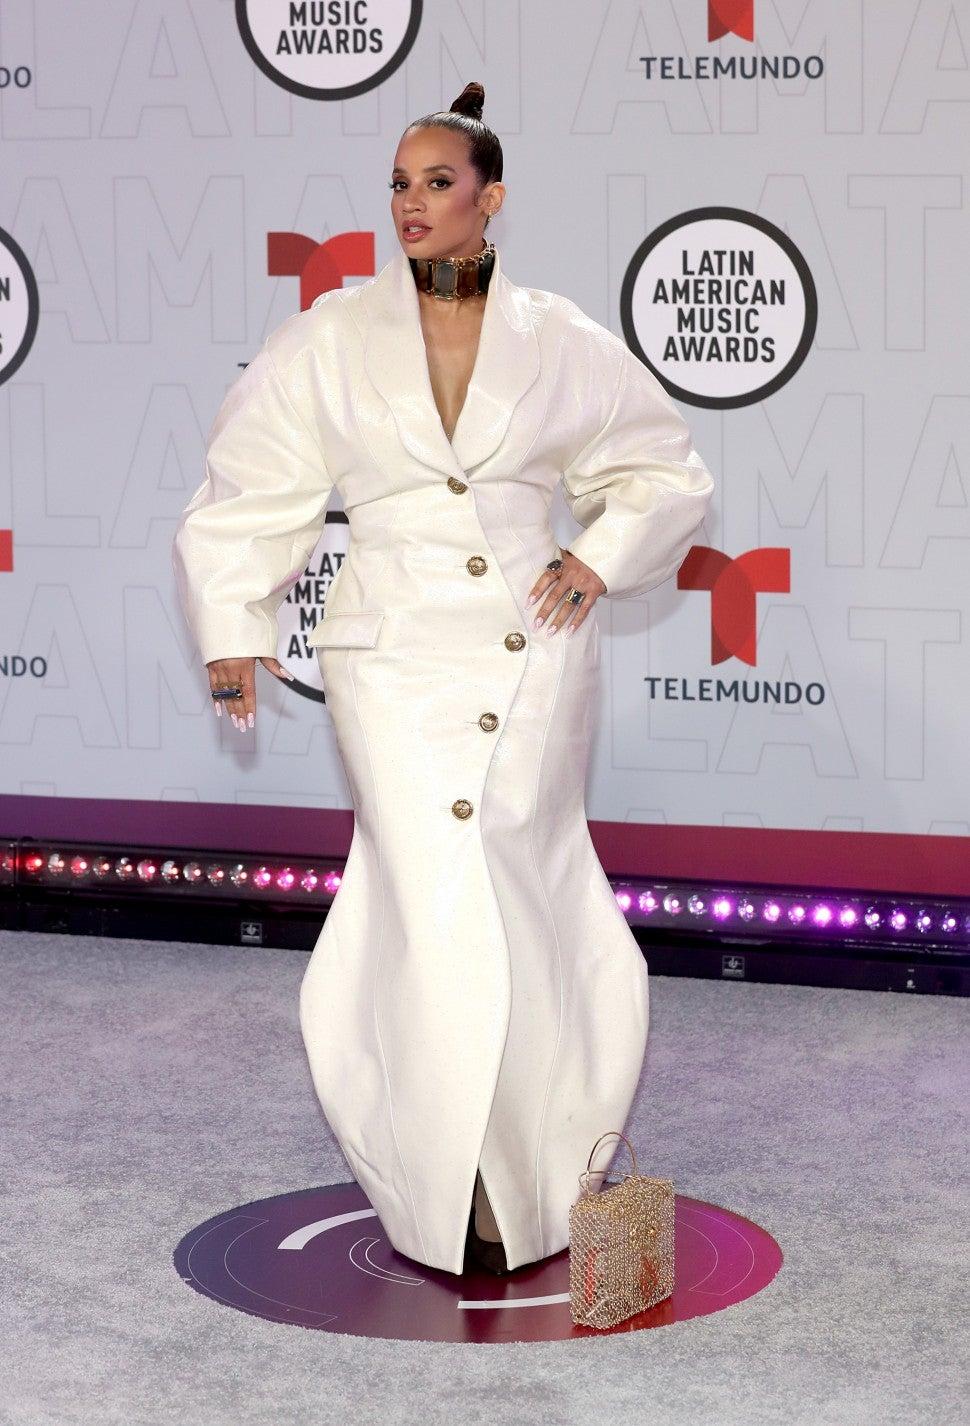 La actriz dominicana Dasha Polanco vistiendo de House of Jewell Couture